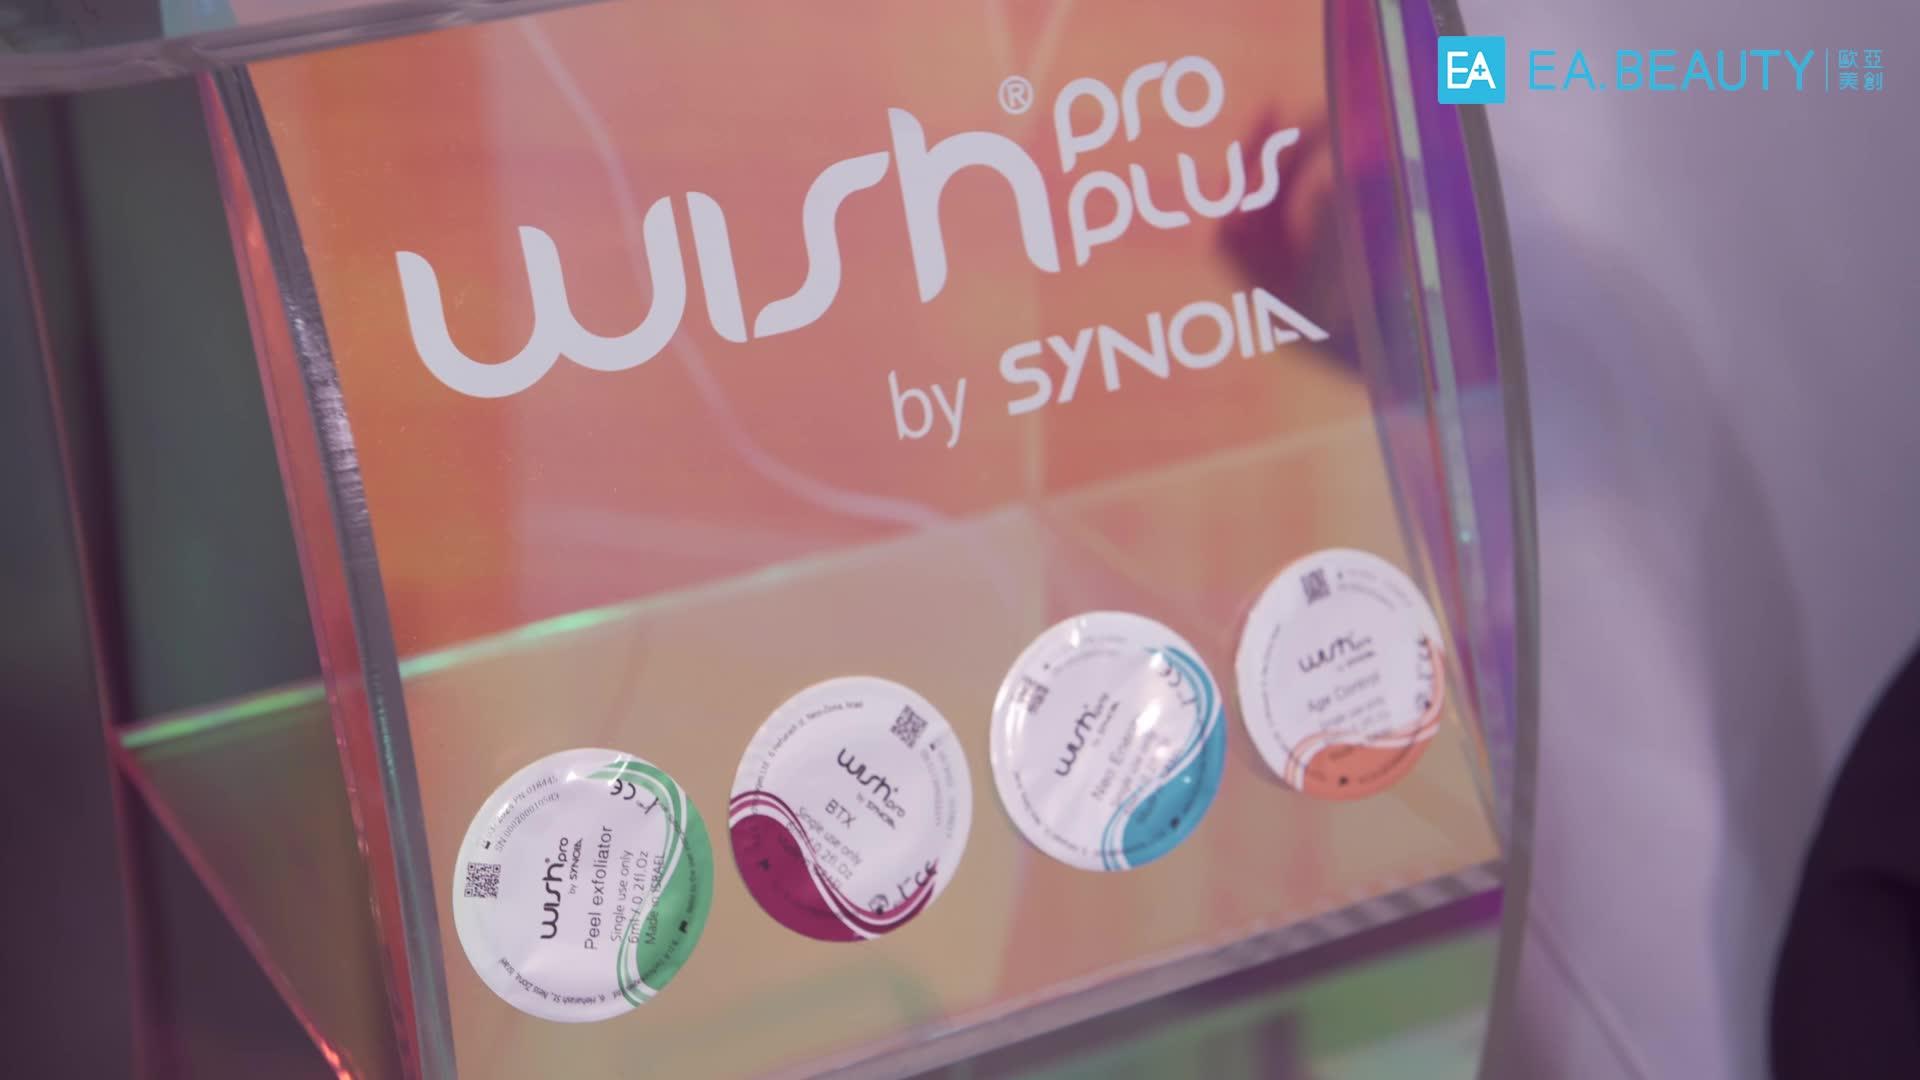 【以色列Wishpro智能逆時光青春膠囊療程】